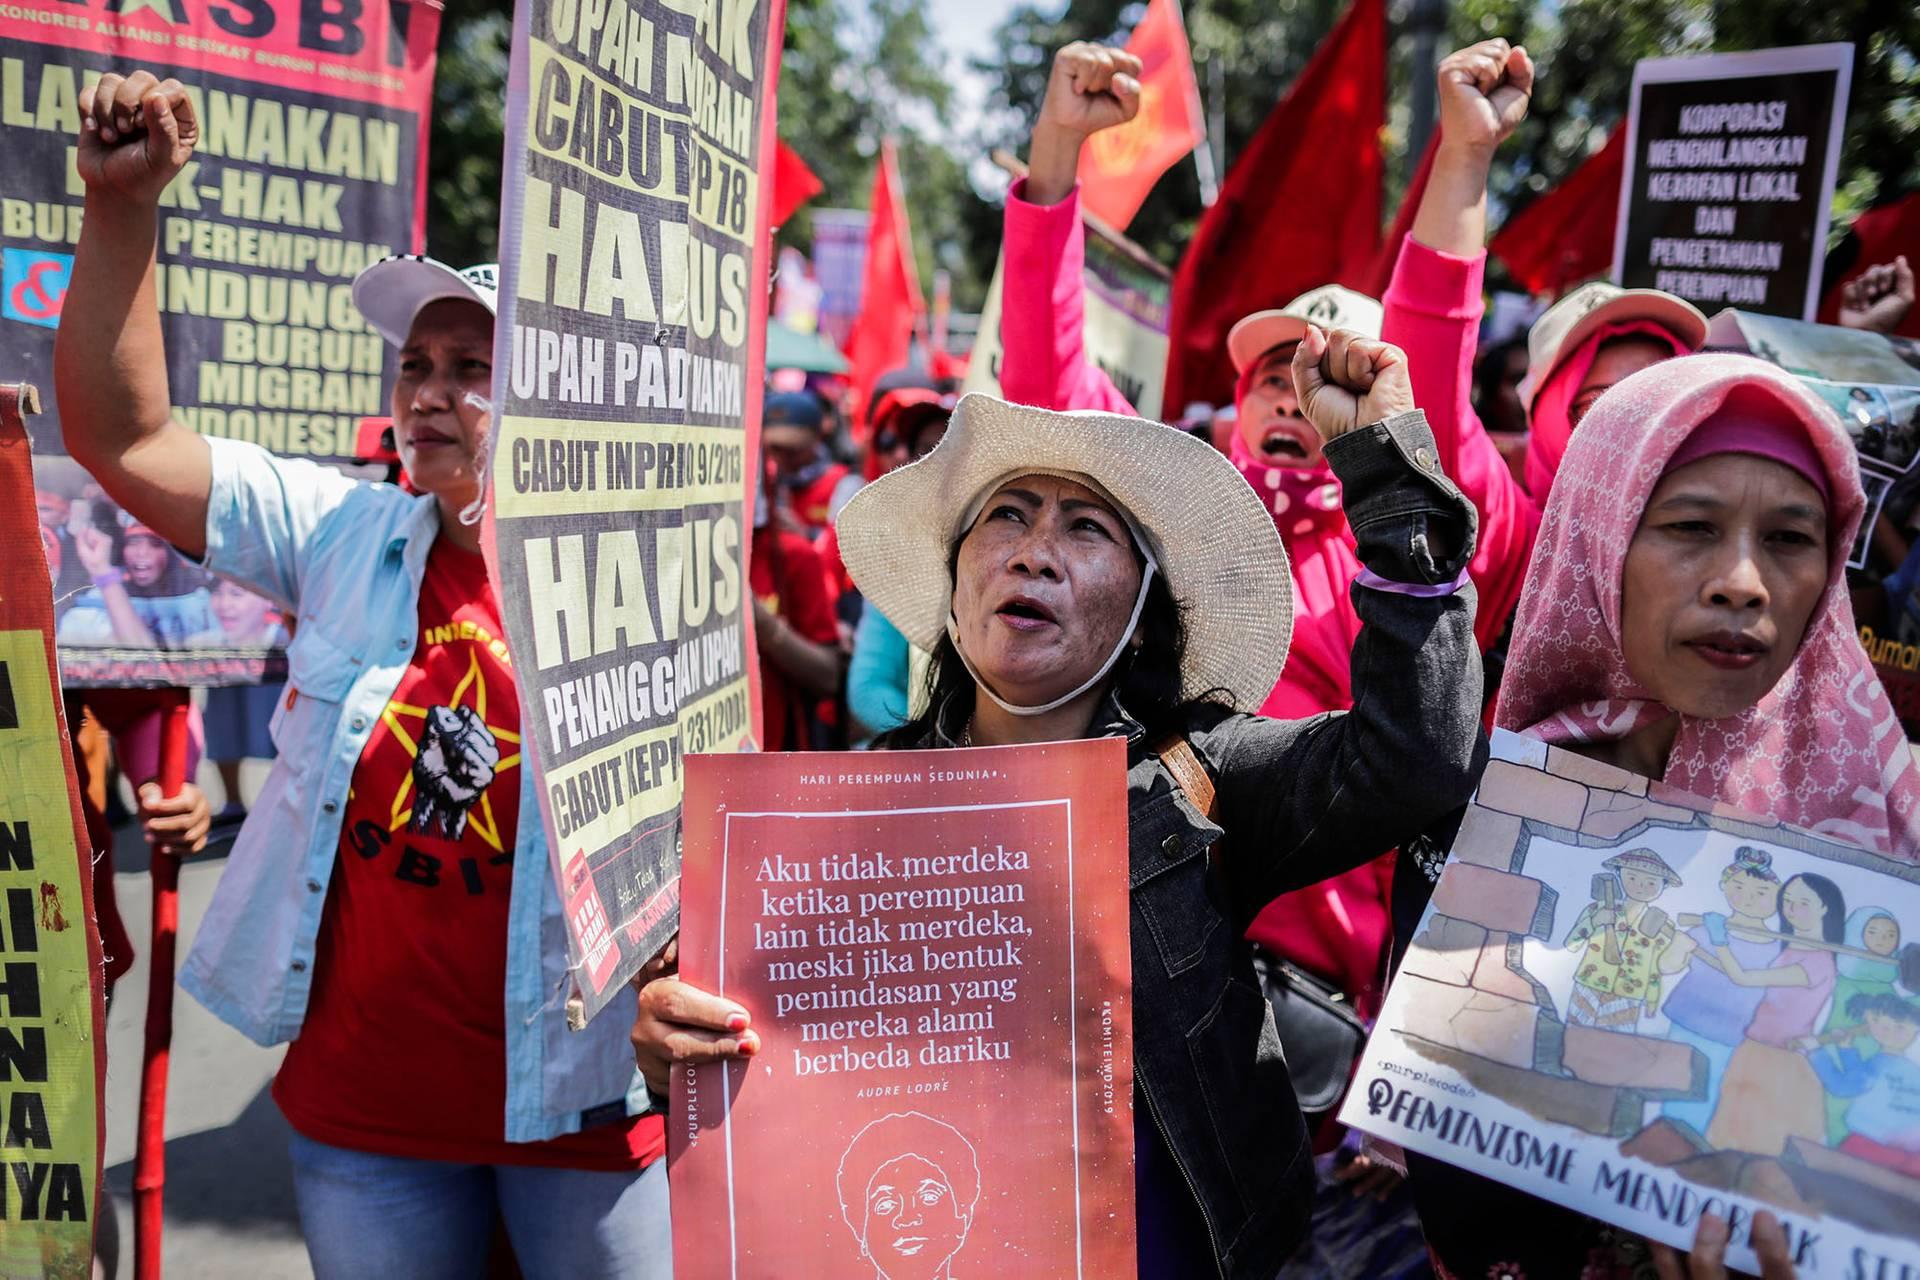 Жінки беруть участь у демонстрації з нагоди Міжнародного дня захисту прав жінок в Джакарті, Індонезія, 8 березня 2019 року